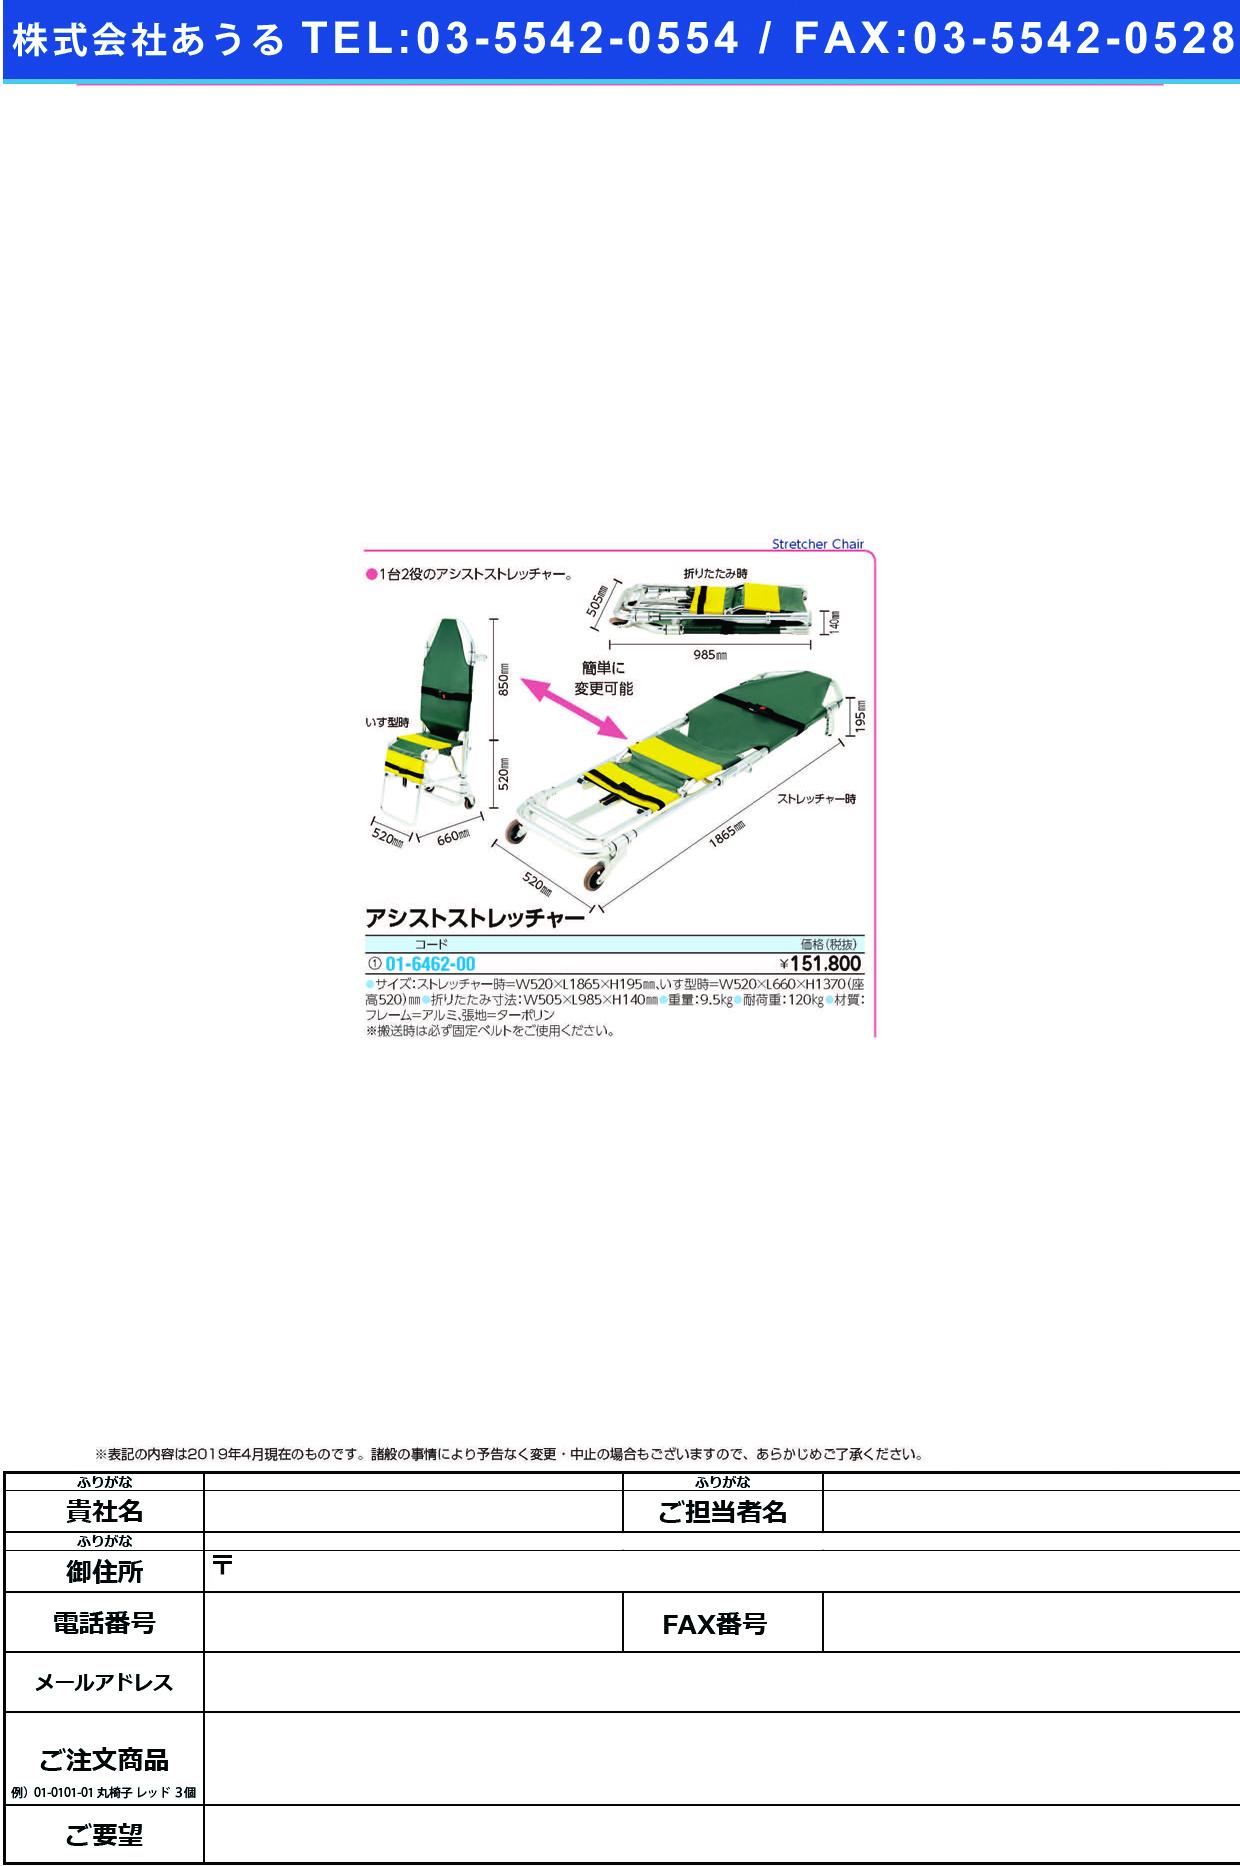 (01-6462-00)アシストストレッチャー  アシストストレッチャー(松永製作所)【1台単位】【2019年カタログ商品】